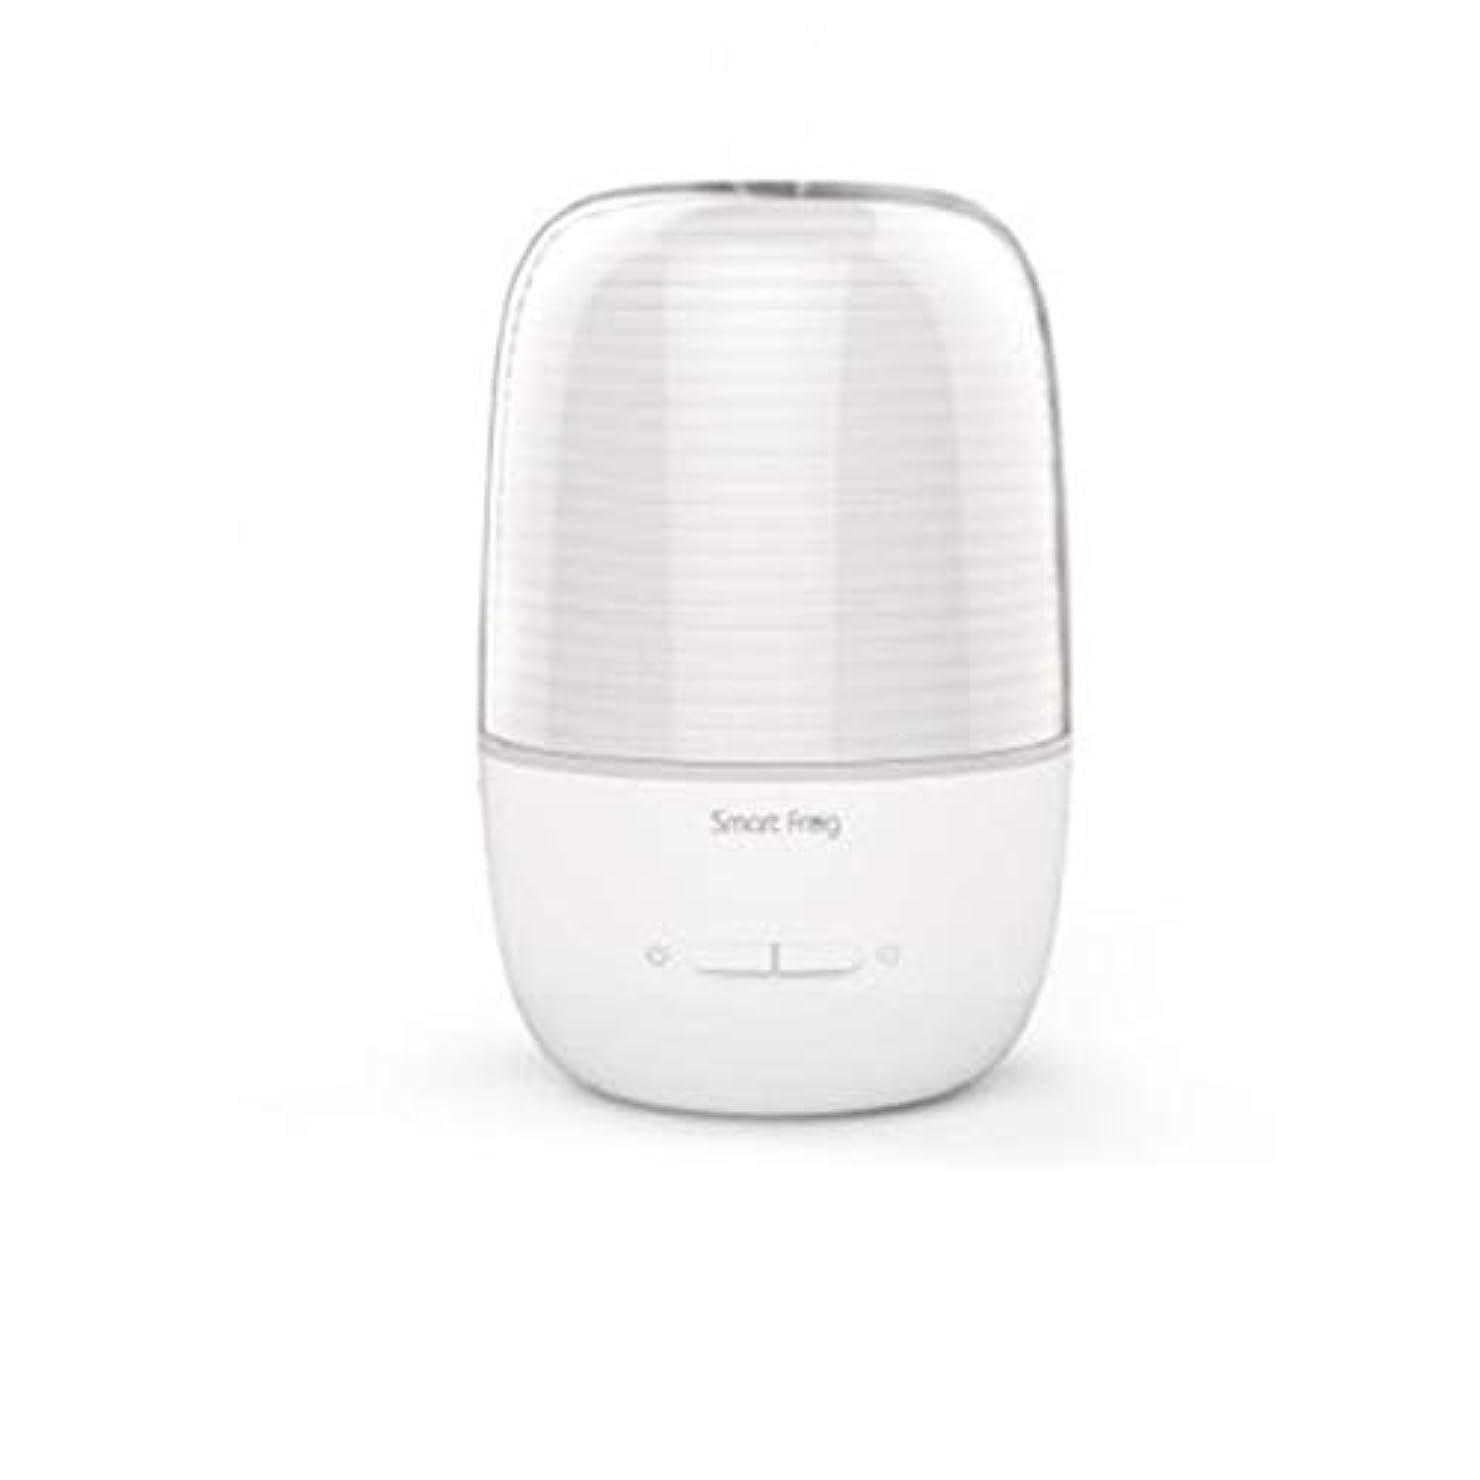 黒人実施するよく話される130ml超音波冷たい霧の加湿器の変更家のヨガのオフィスの鉱泉の寝室の拡散器 (Color : White)